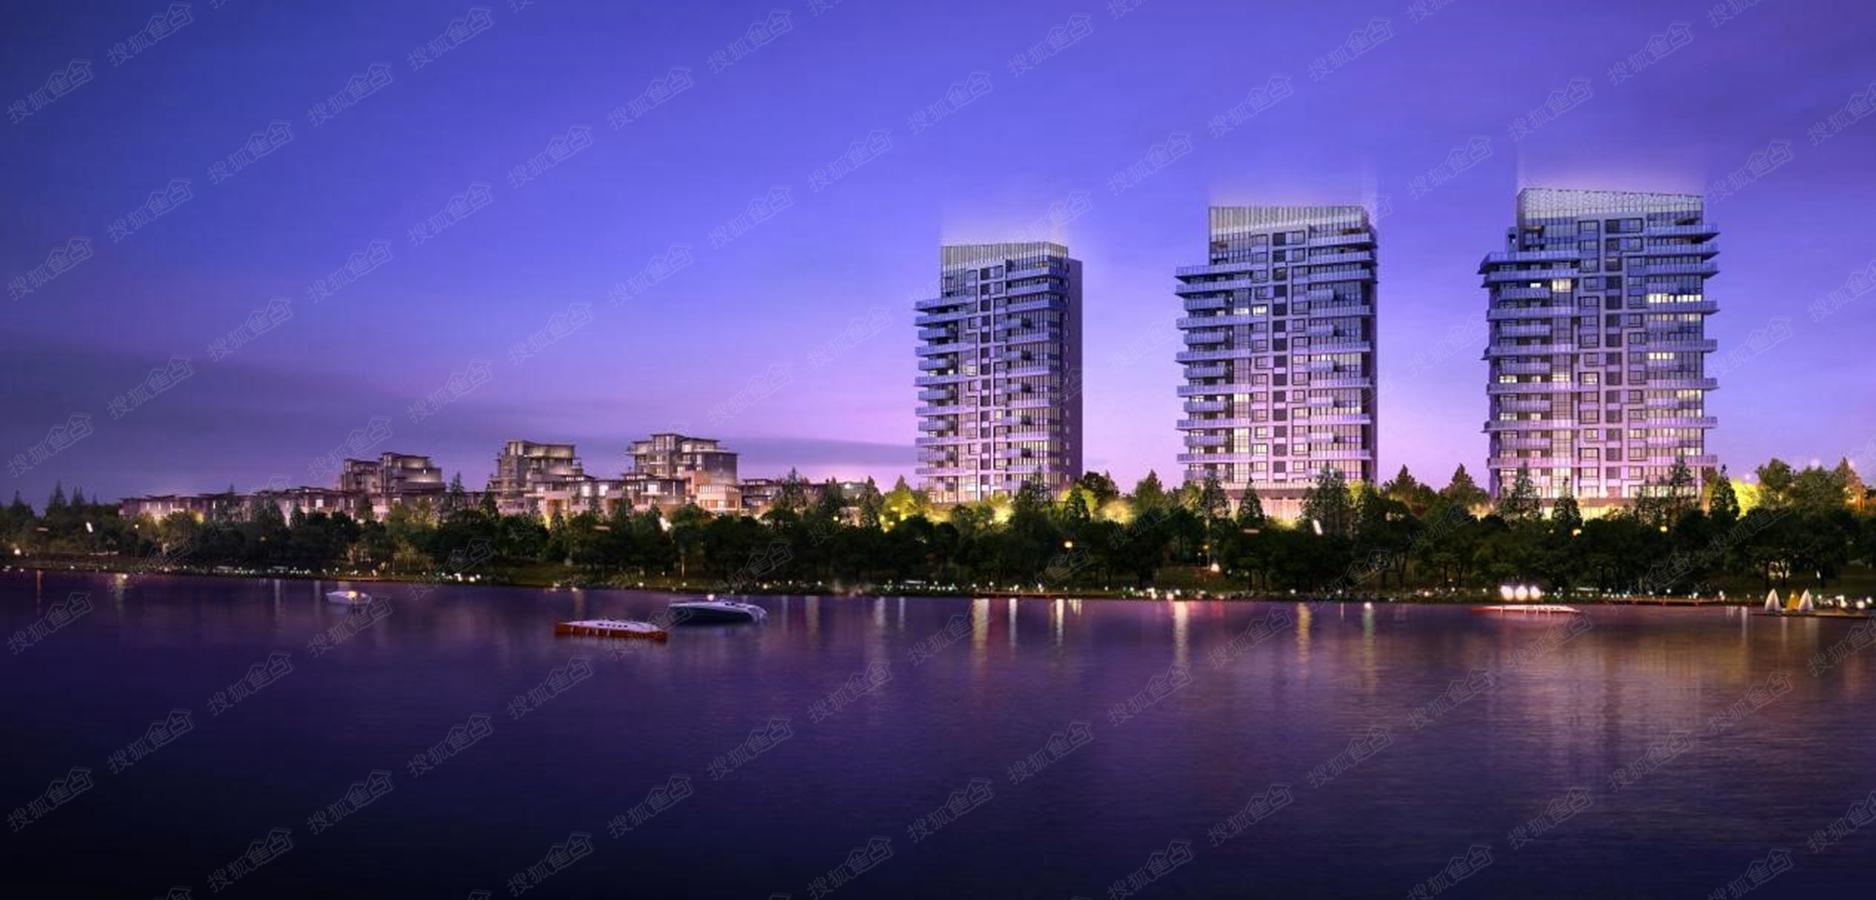 更加方便分享给朋友 中大西郊半岛(户型业主论坛)位于富阳富春江边.